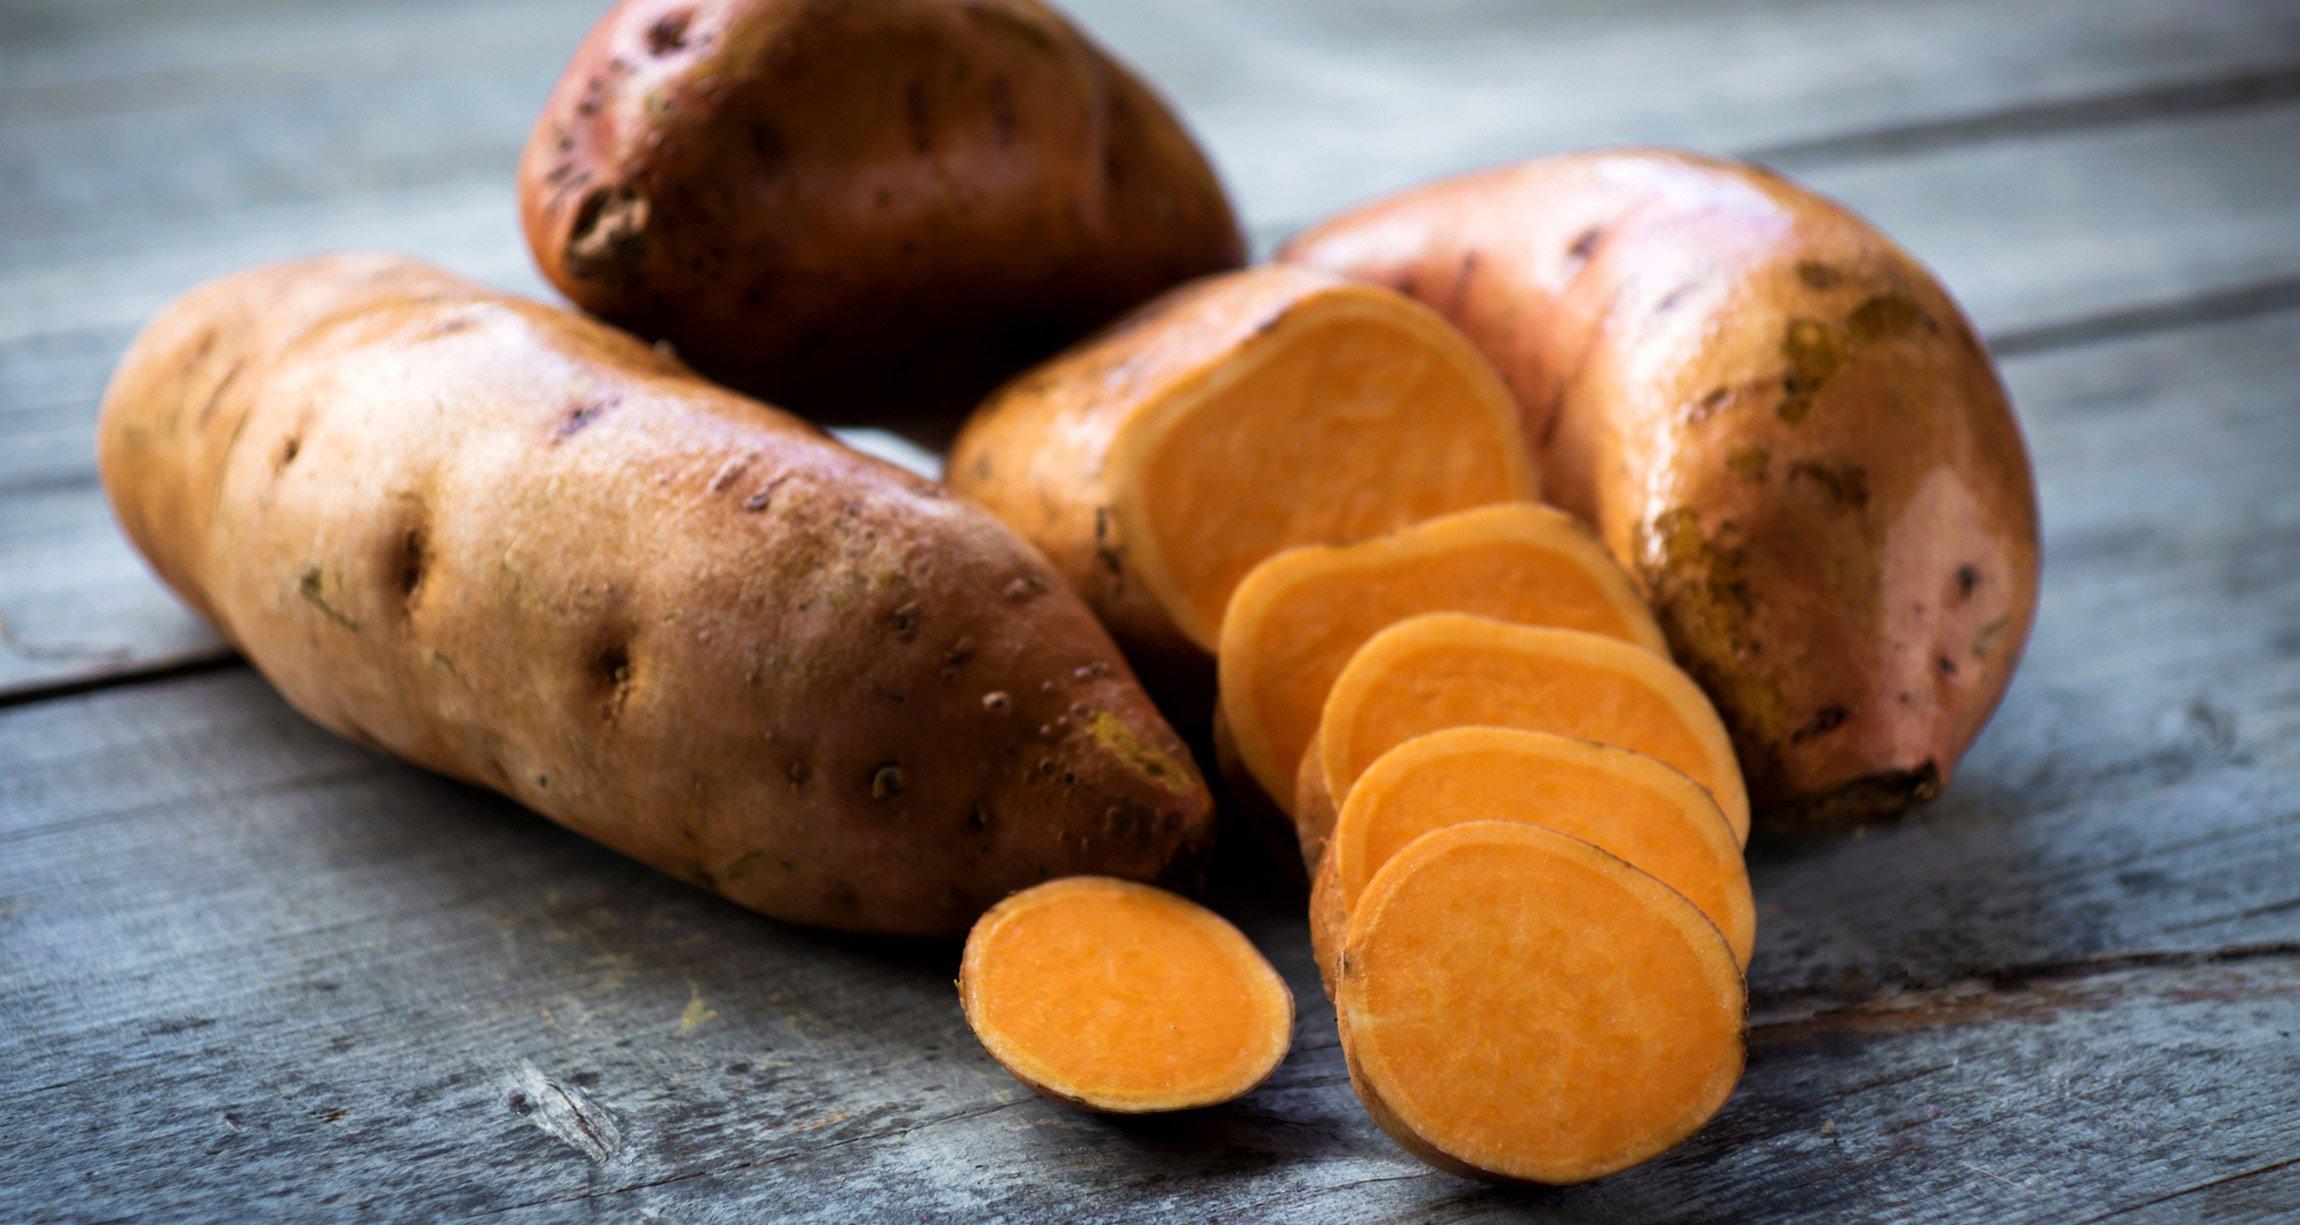 فوائد البطاطا الصحية